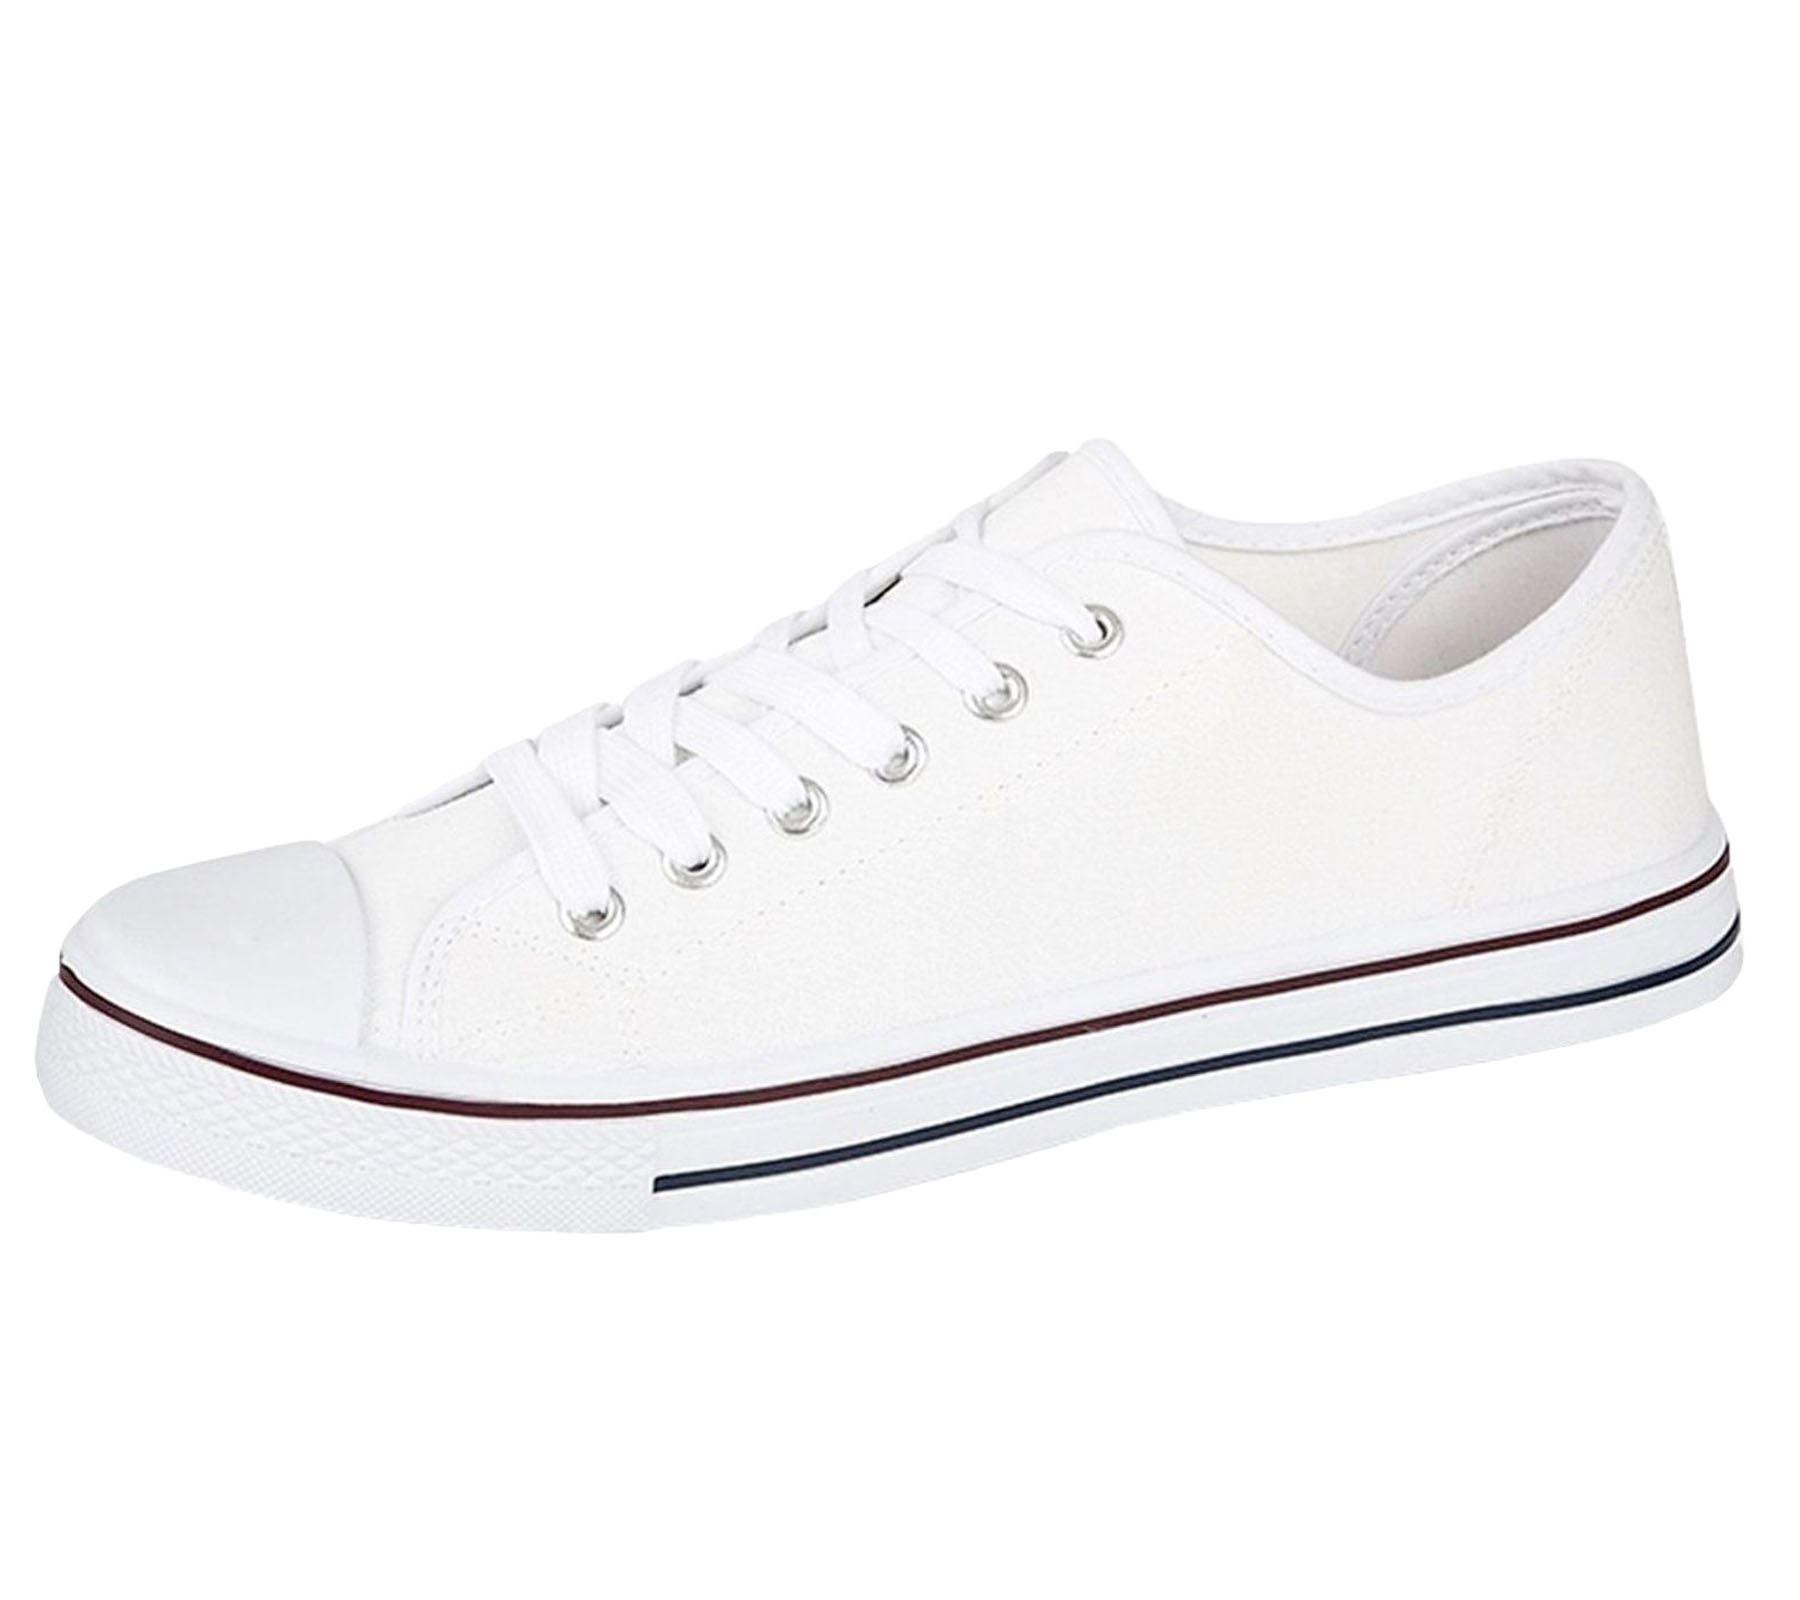 Mens-Canvas-Shoes-Plimsole-Trainer-Pumps-Lace-Up-Flat-Shoes thumbnail 18